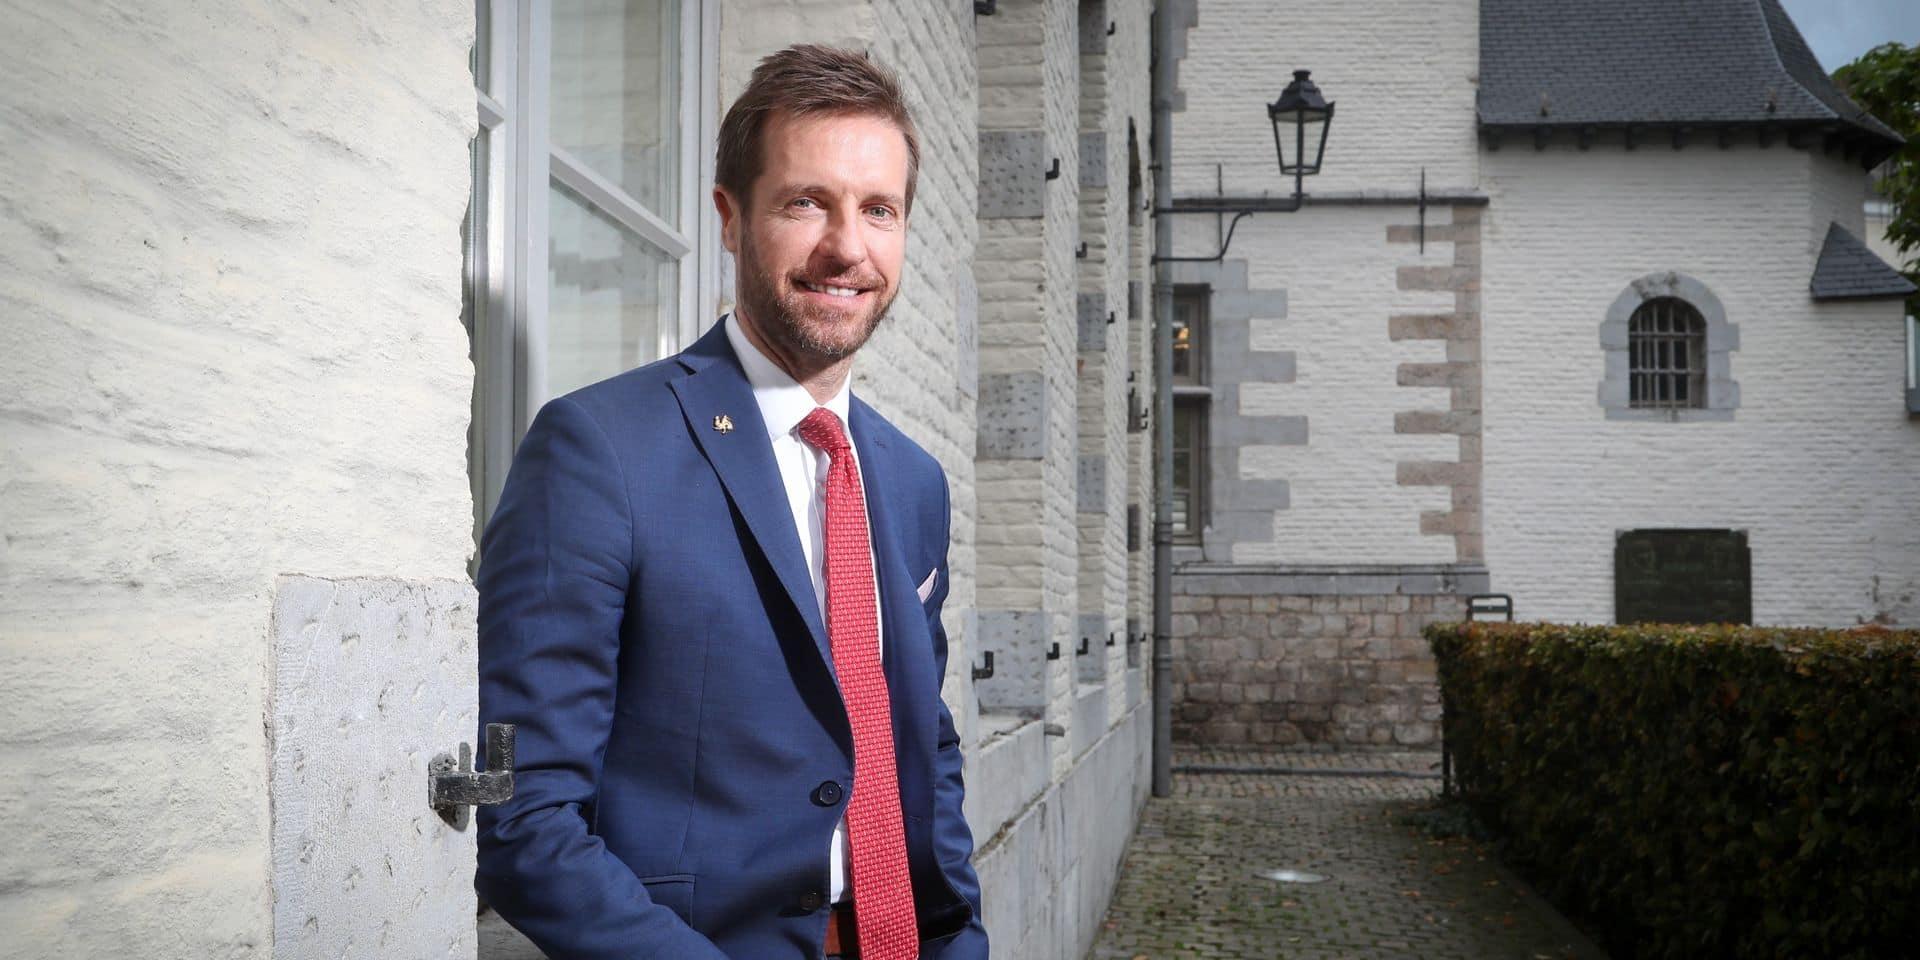 Naissance de la Communauté urbaine Mons-Borinage: Nicolas Martin favorable à l'adhésion d'autres communes